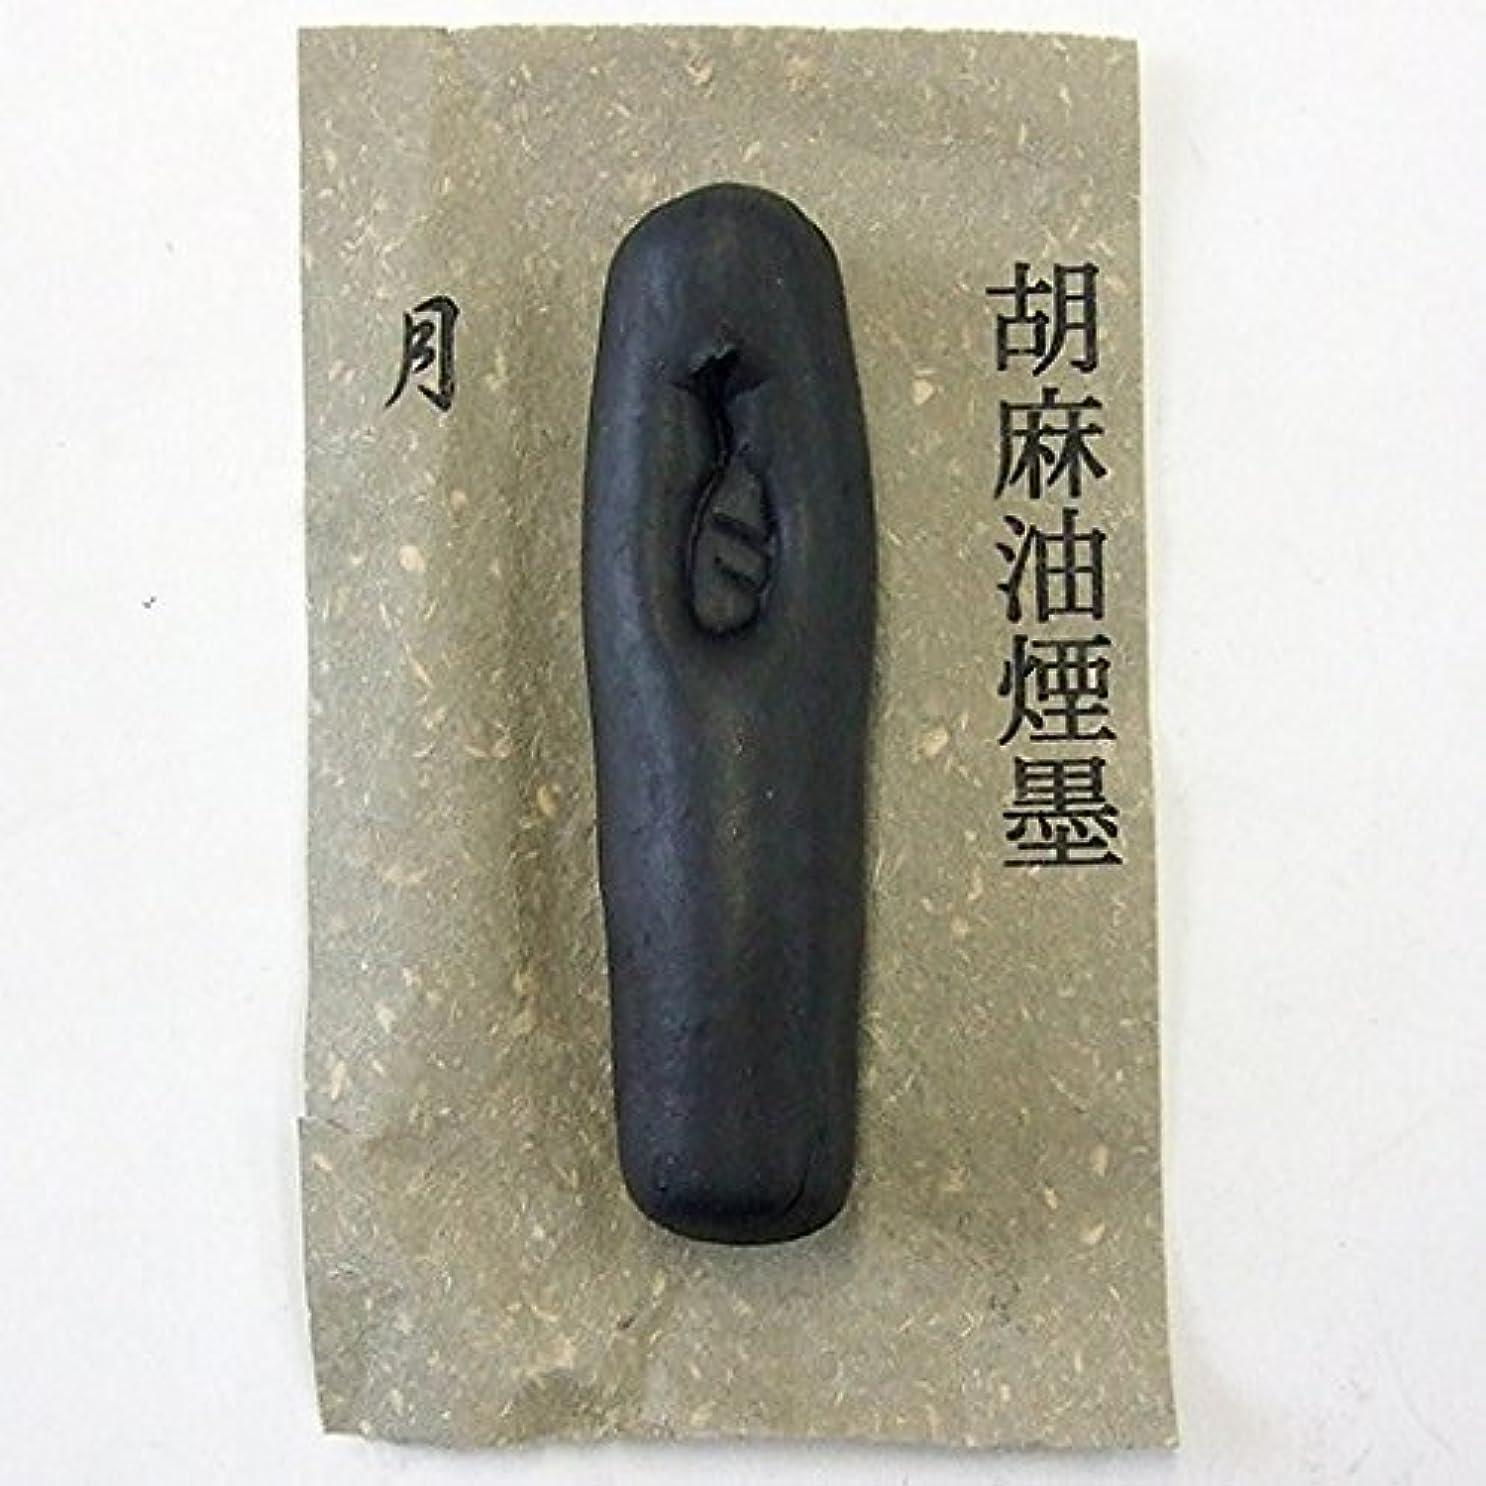 一瞬コメンテーターギャングスター【鈴鹿墨】胡麻油煙墨 - 月